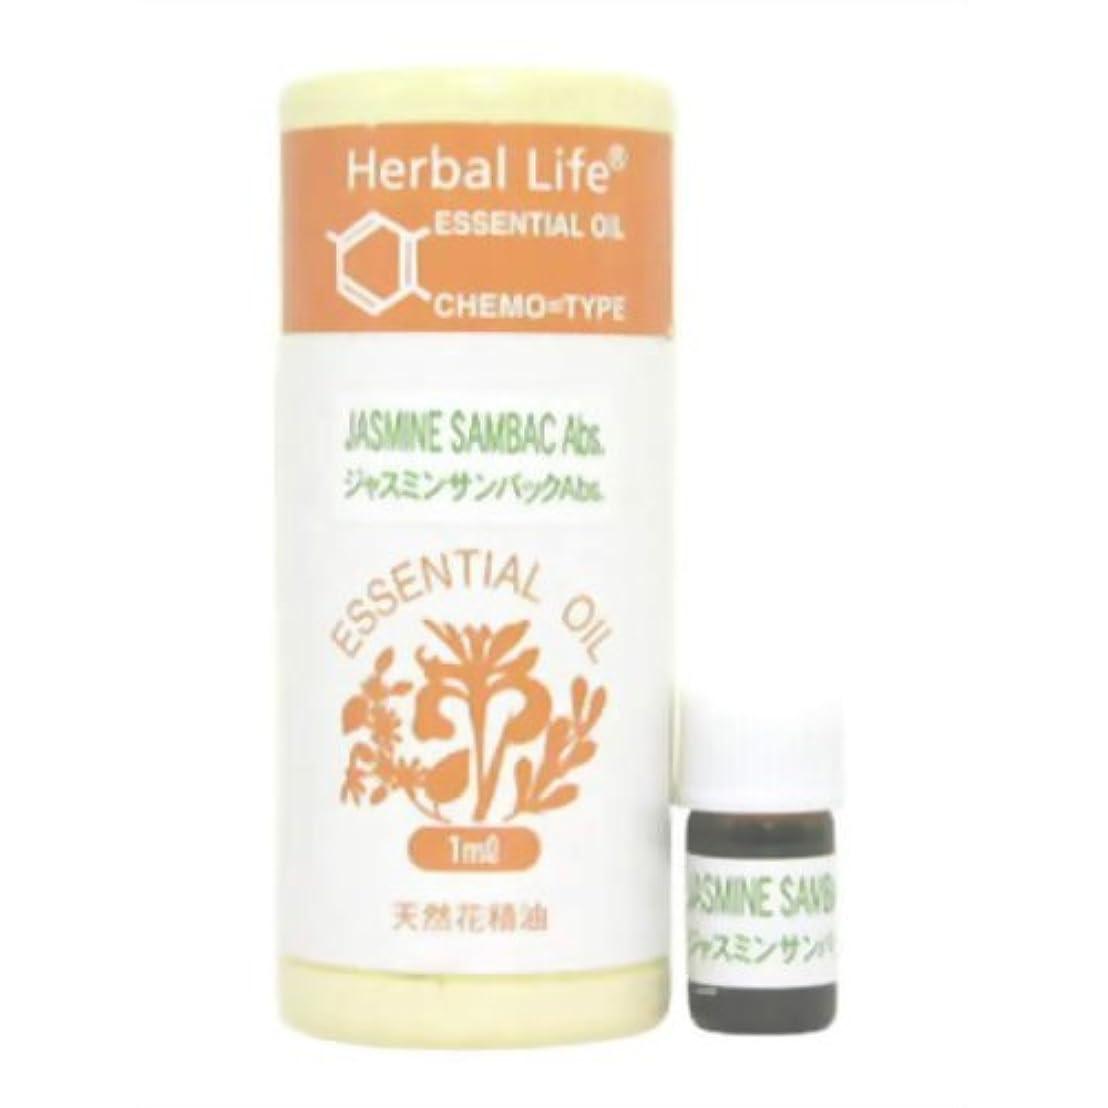 谷透ける省略生活の木 Herbal Life ジャスミンサンバックAbs 1ml